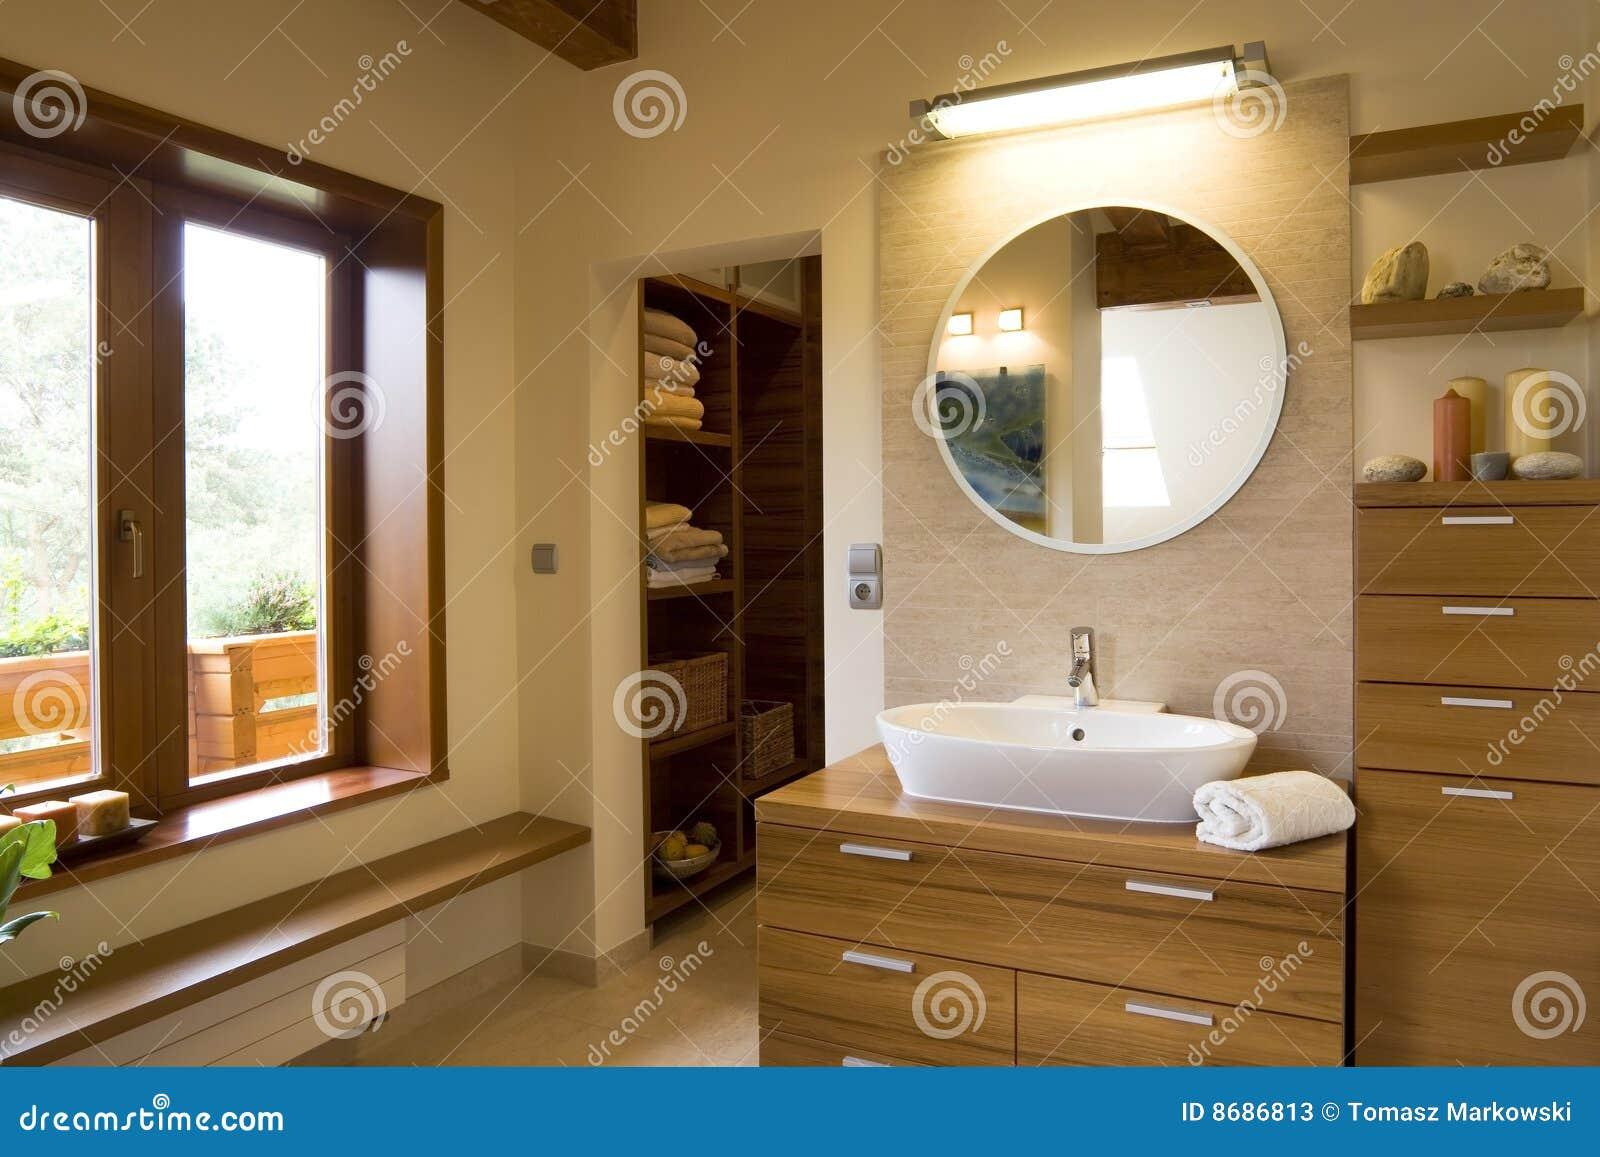 Alla moda moderno interno della stanza da bagno immagine for Stanza da bagno